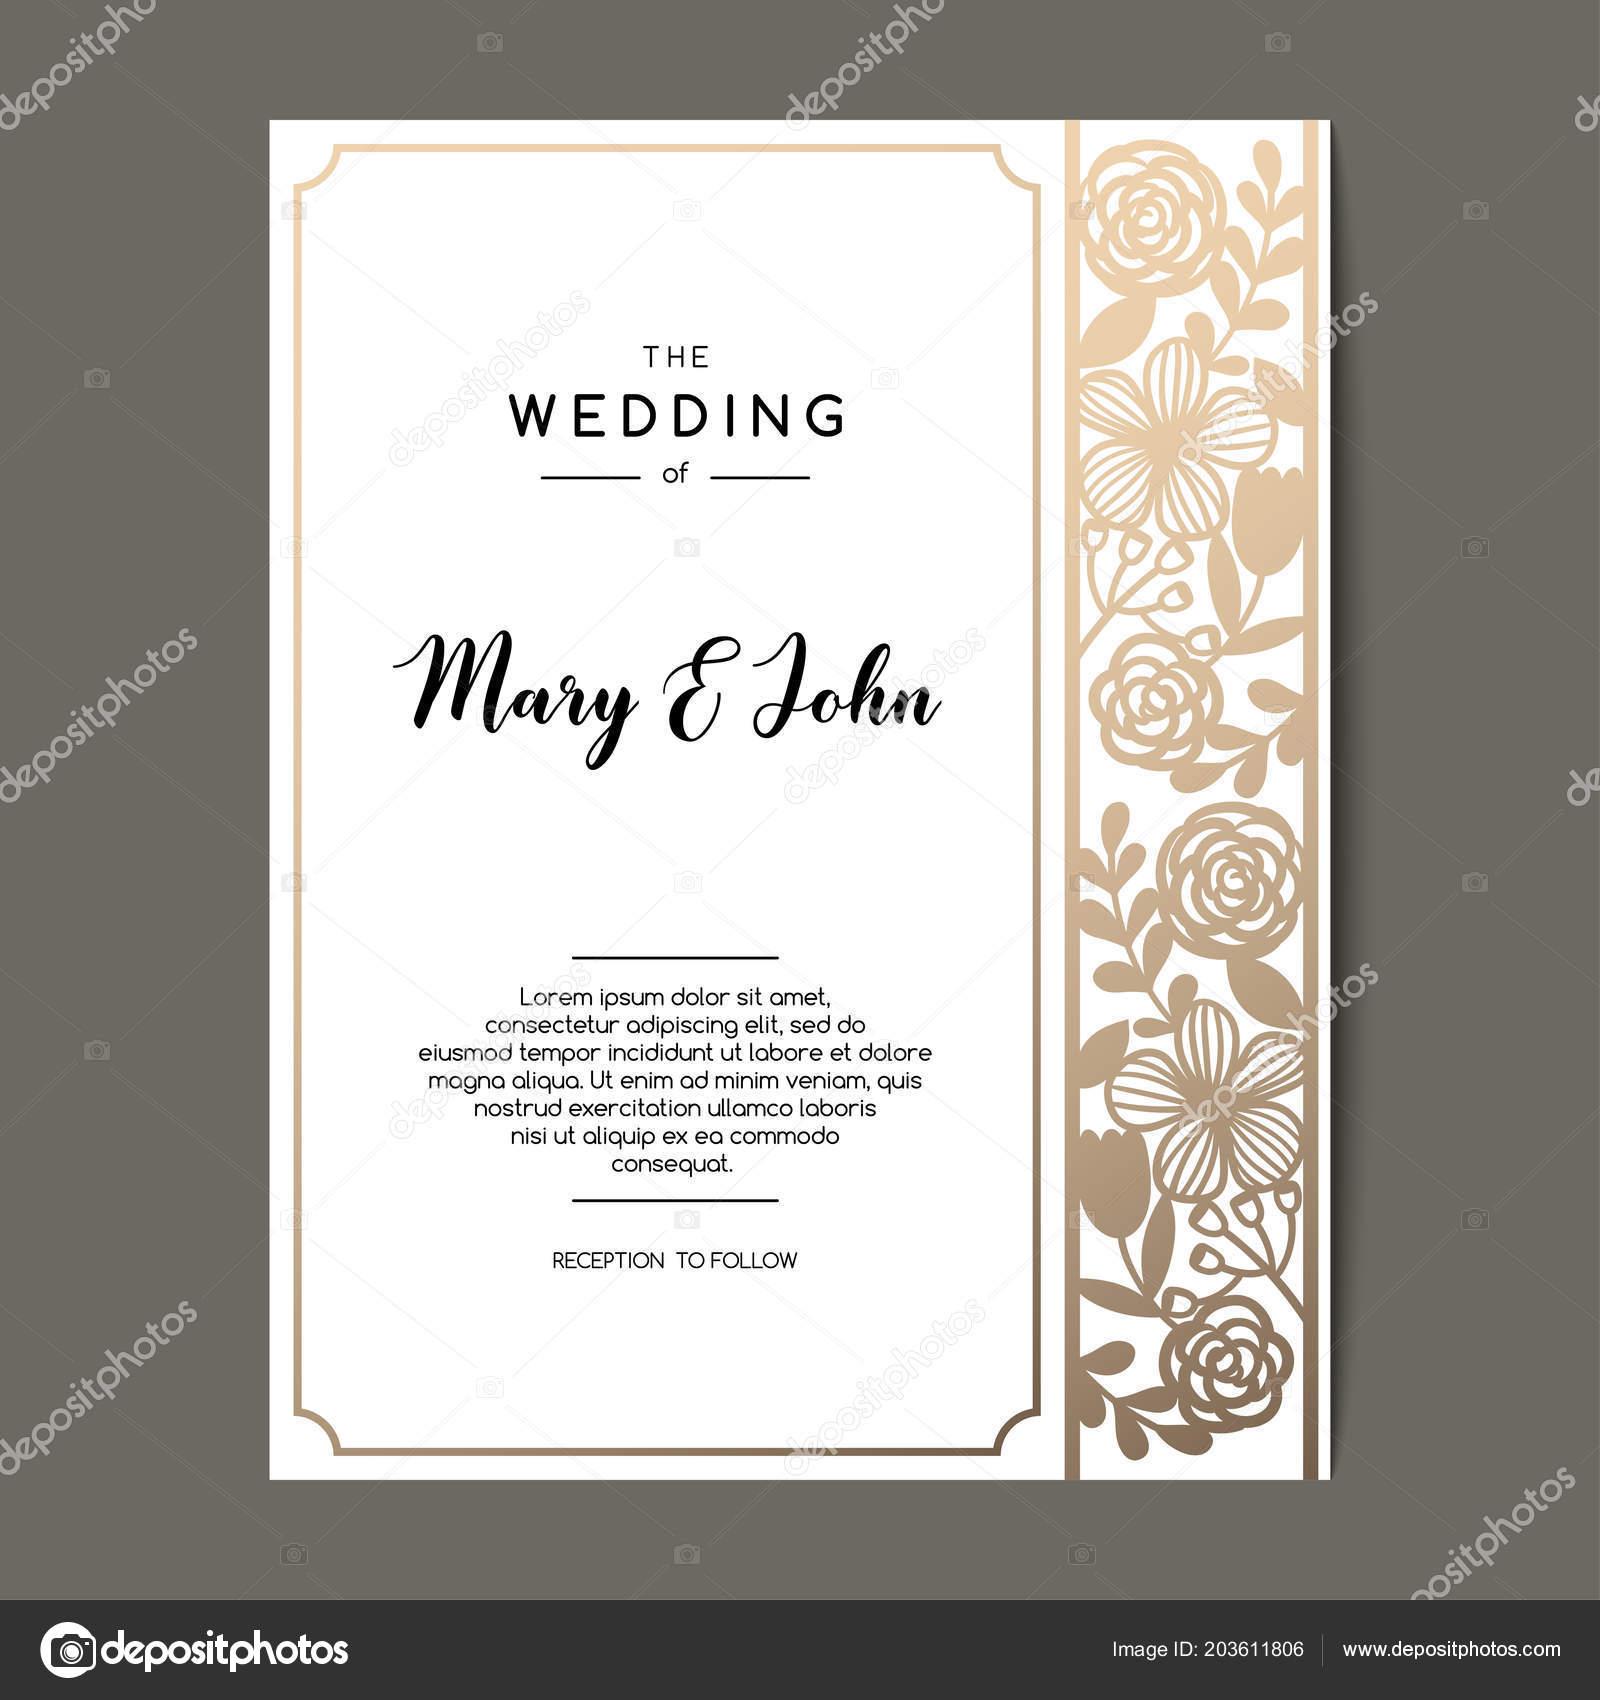 Elegant wedding backdrop design | Elegant Wedding Invitation Background  Floral Ornament Vector Greeting Card Design — Stock Vector © Pravdinal  #203611806